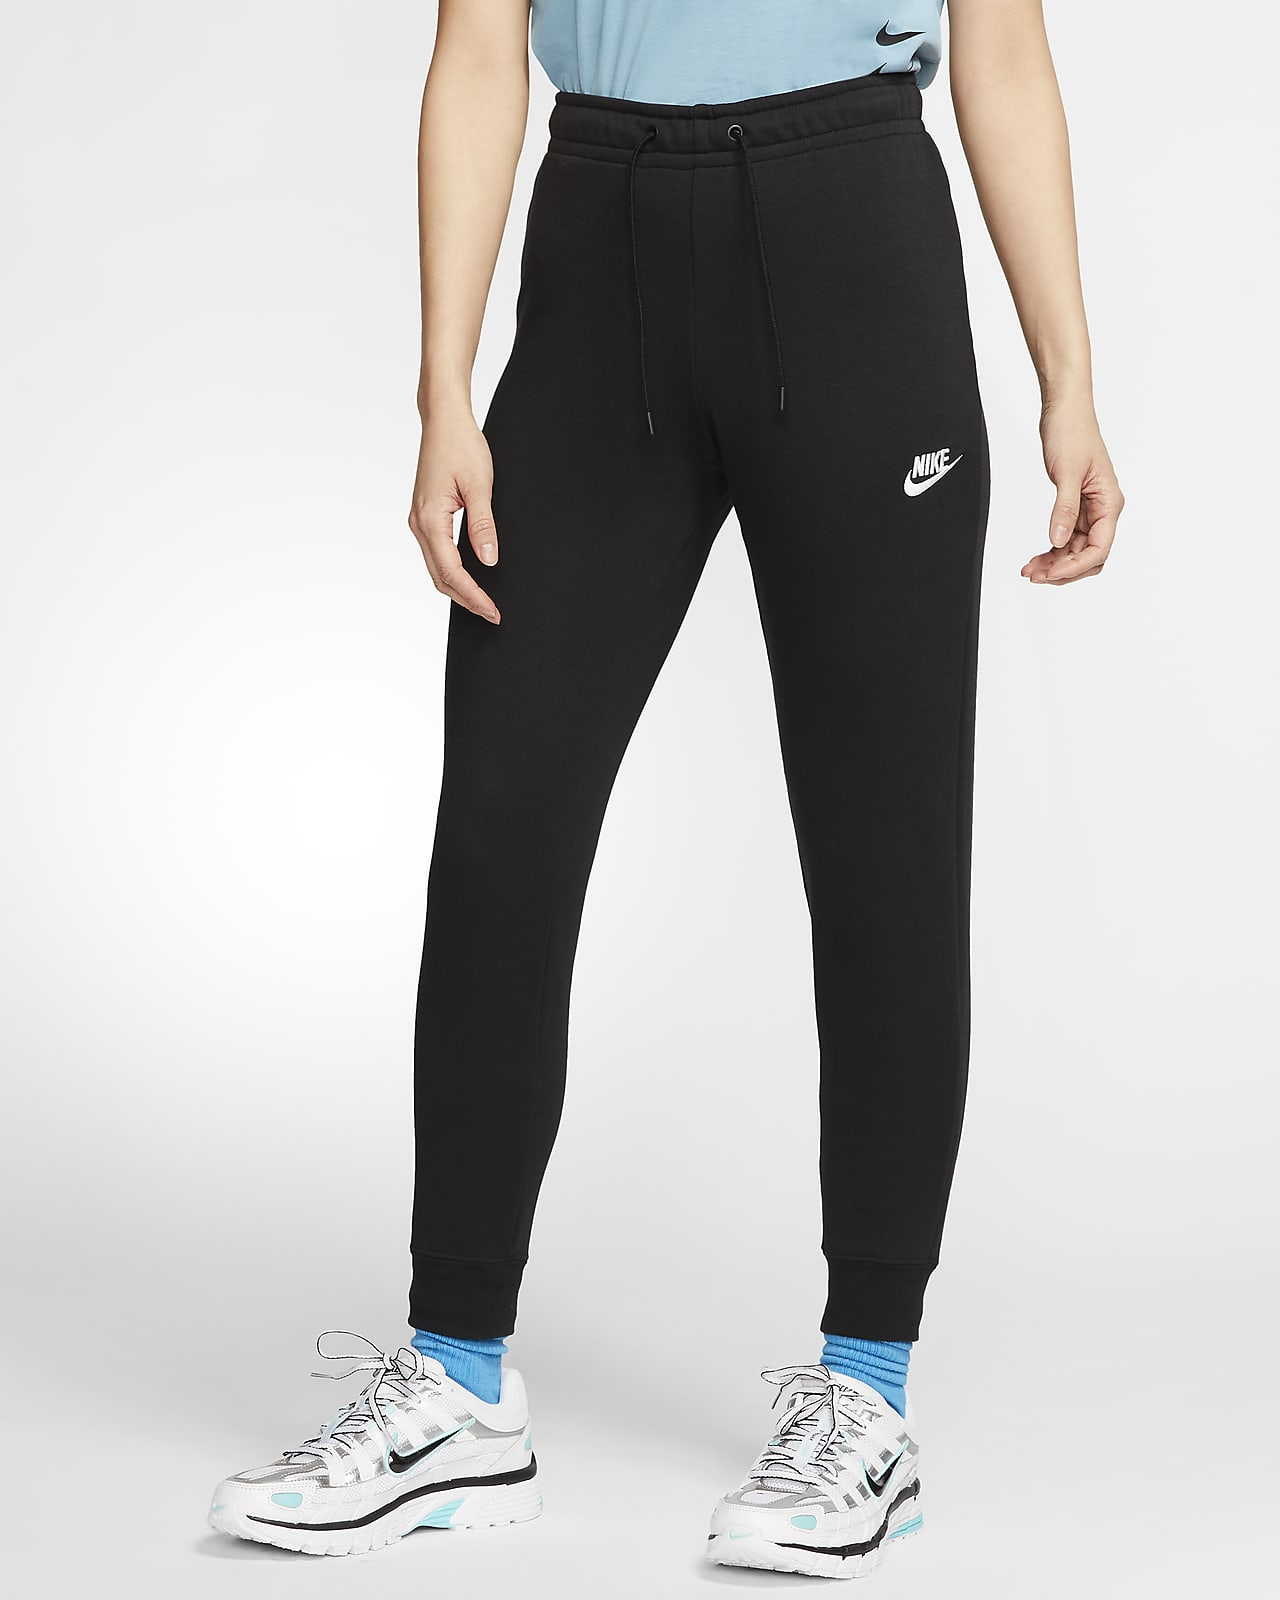 Pantalon taille mi-basse en tissu Fleece Nike Sportswear Essential pour Femme